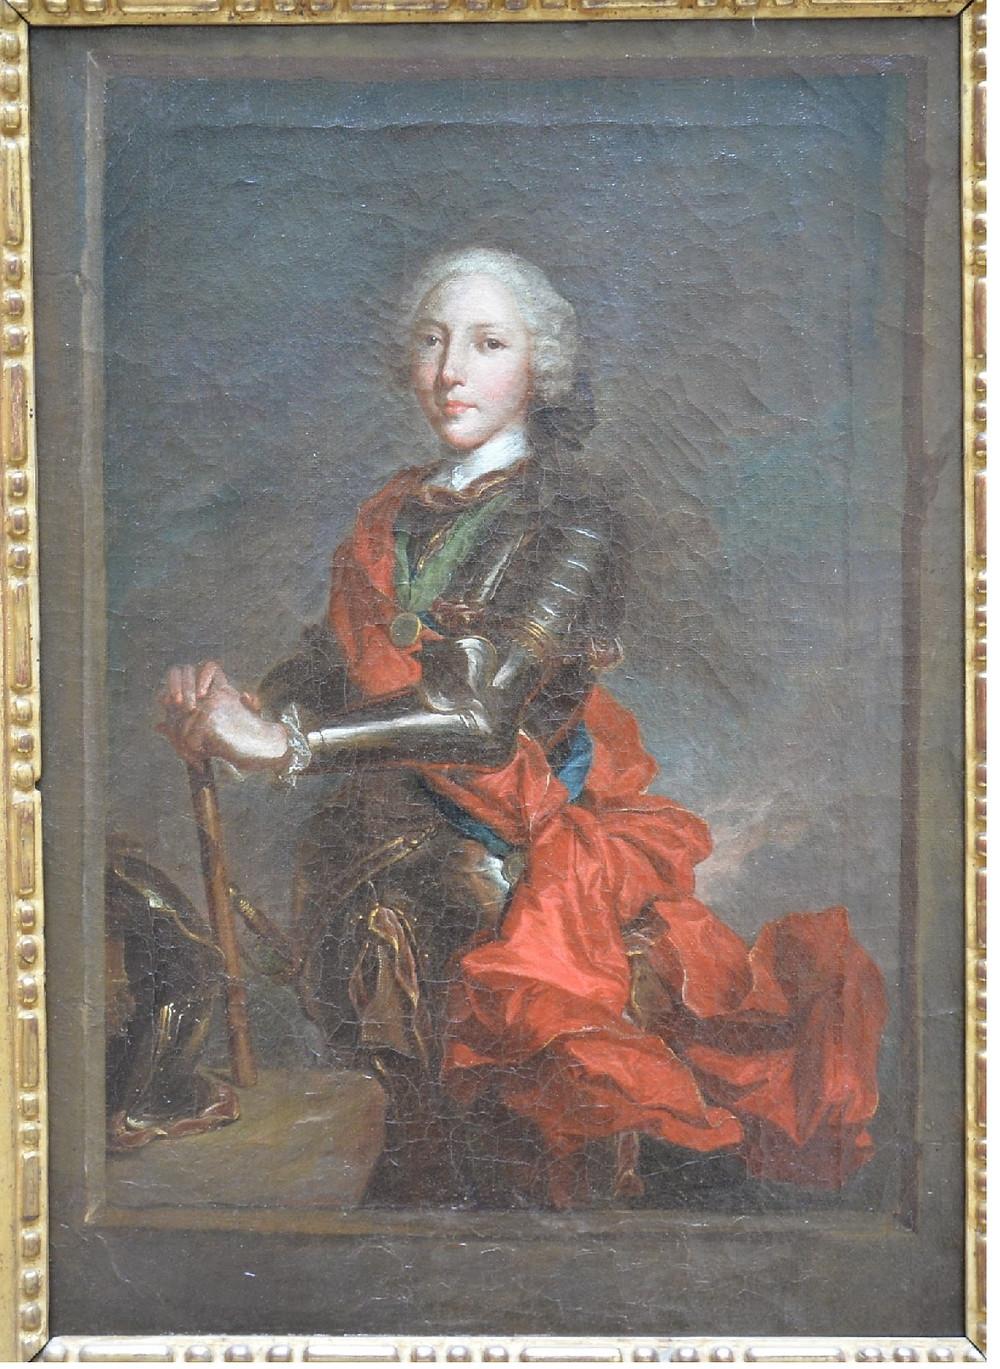 Artiste anonyme d'après Hyacinthe Rigaud, Portrait d'Henri Benoît Marie Clément Stuart, après 1740-1743, localisation actuelle inconnue